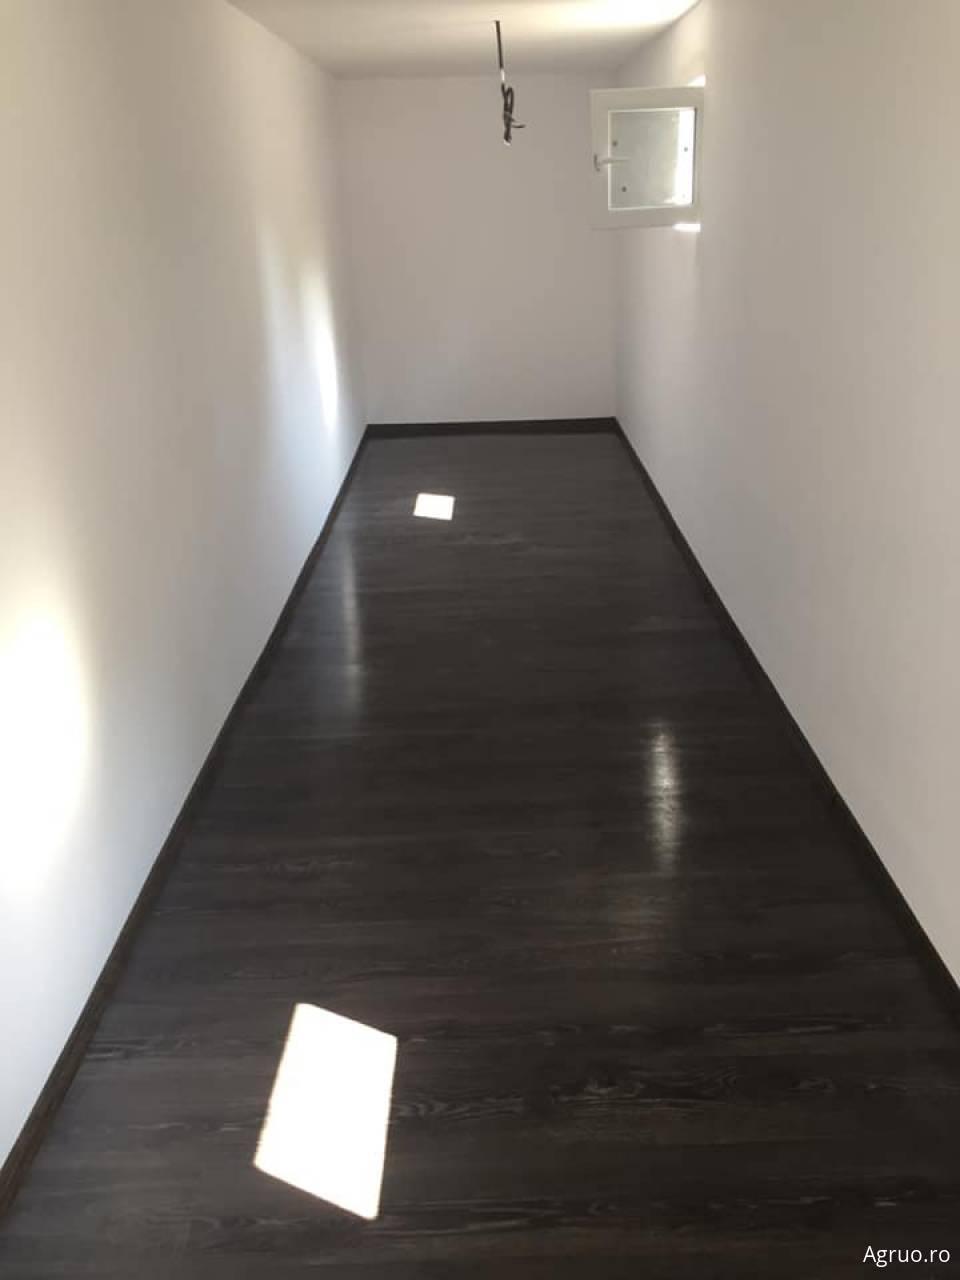 Montaj parchet laminat, inclusiv plinta, praguri5654